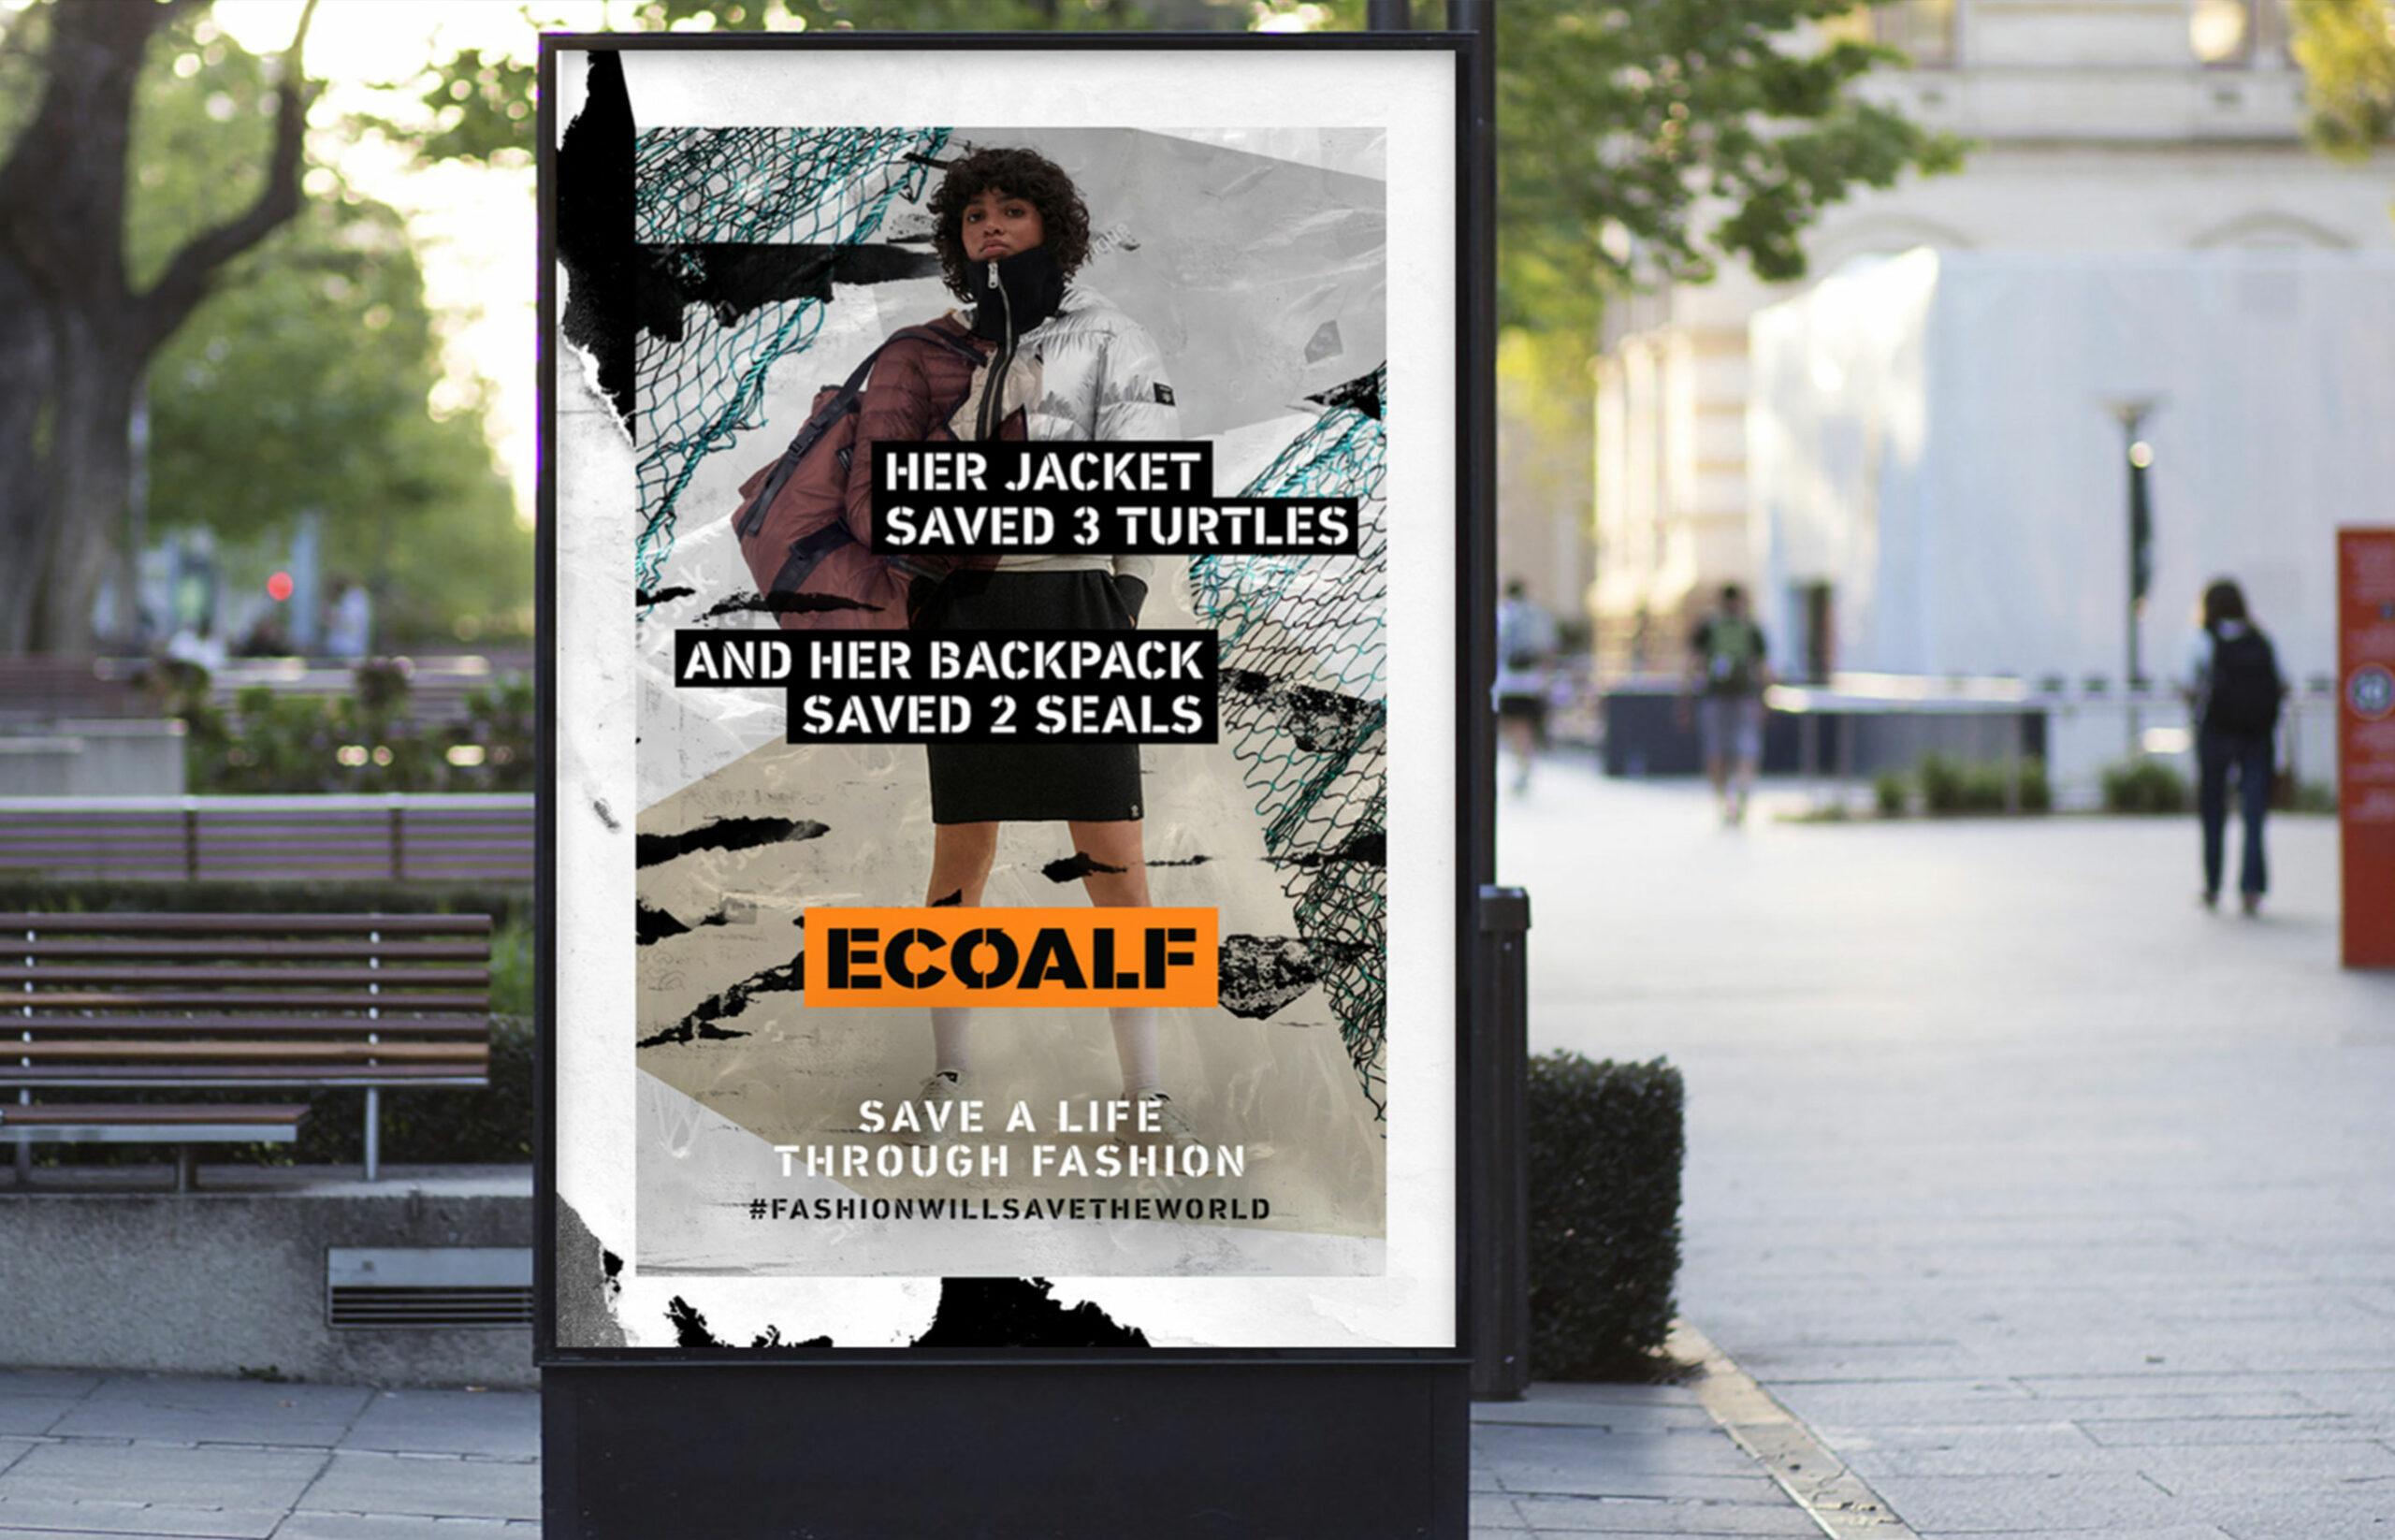 ECOALF_Website_06